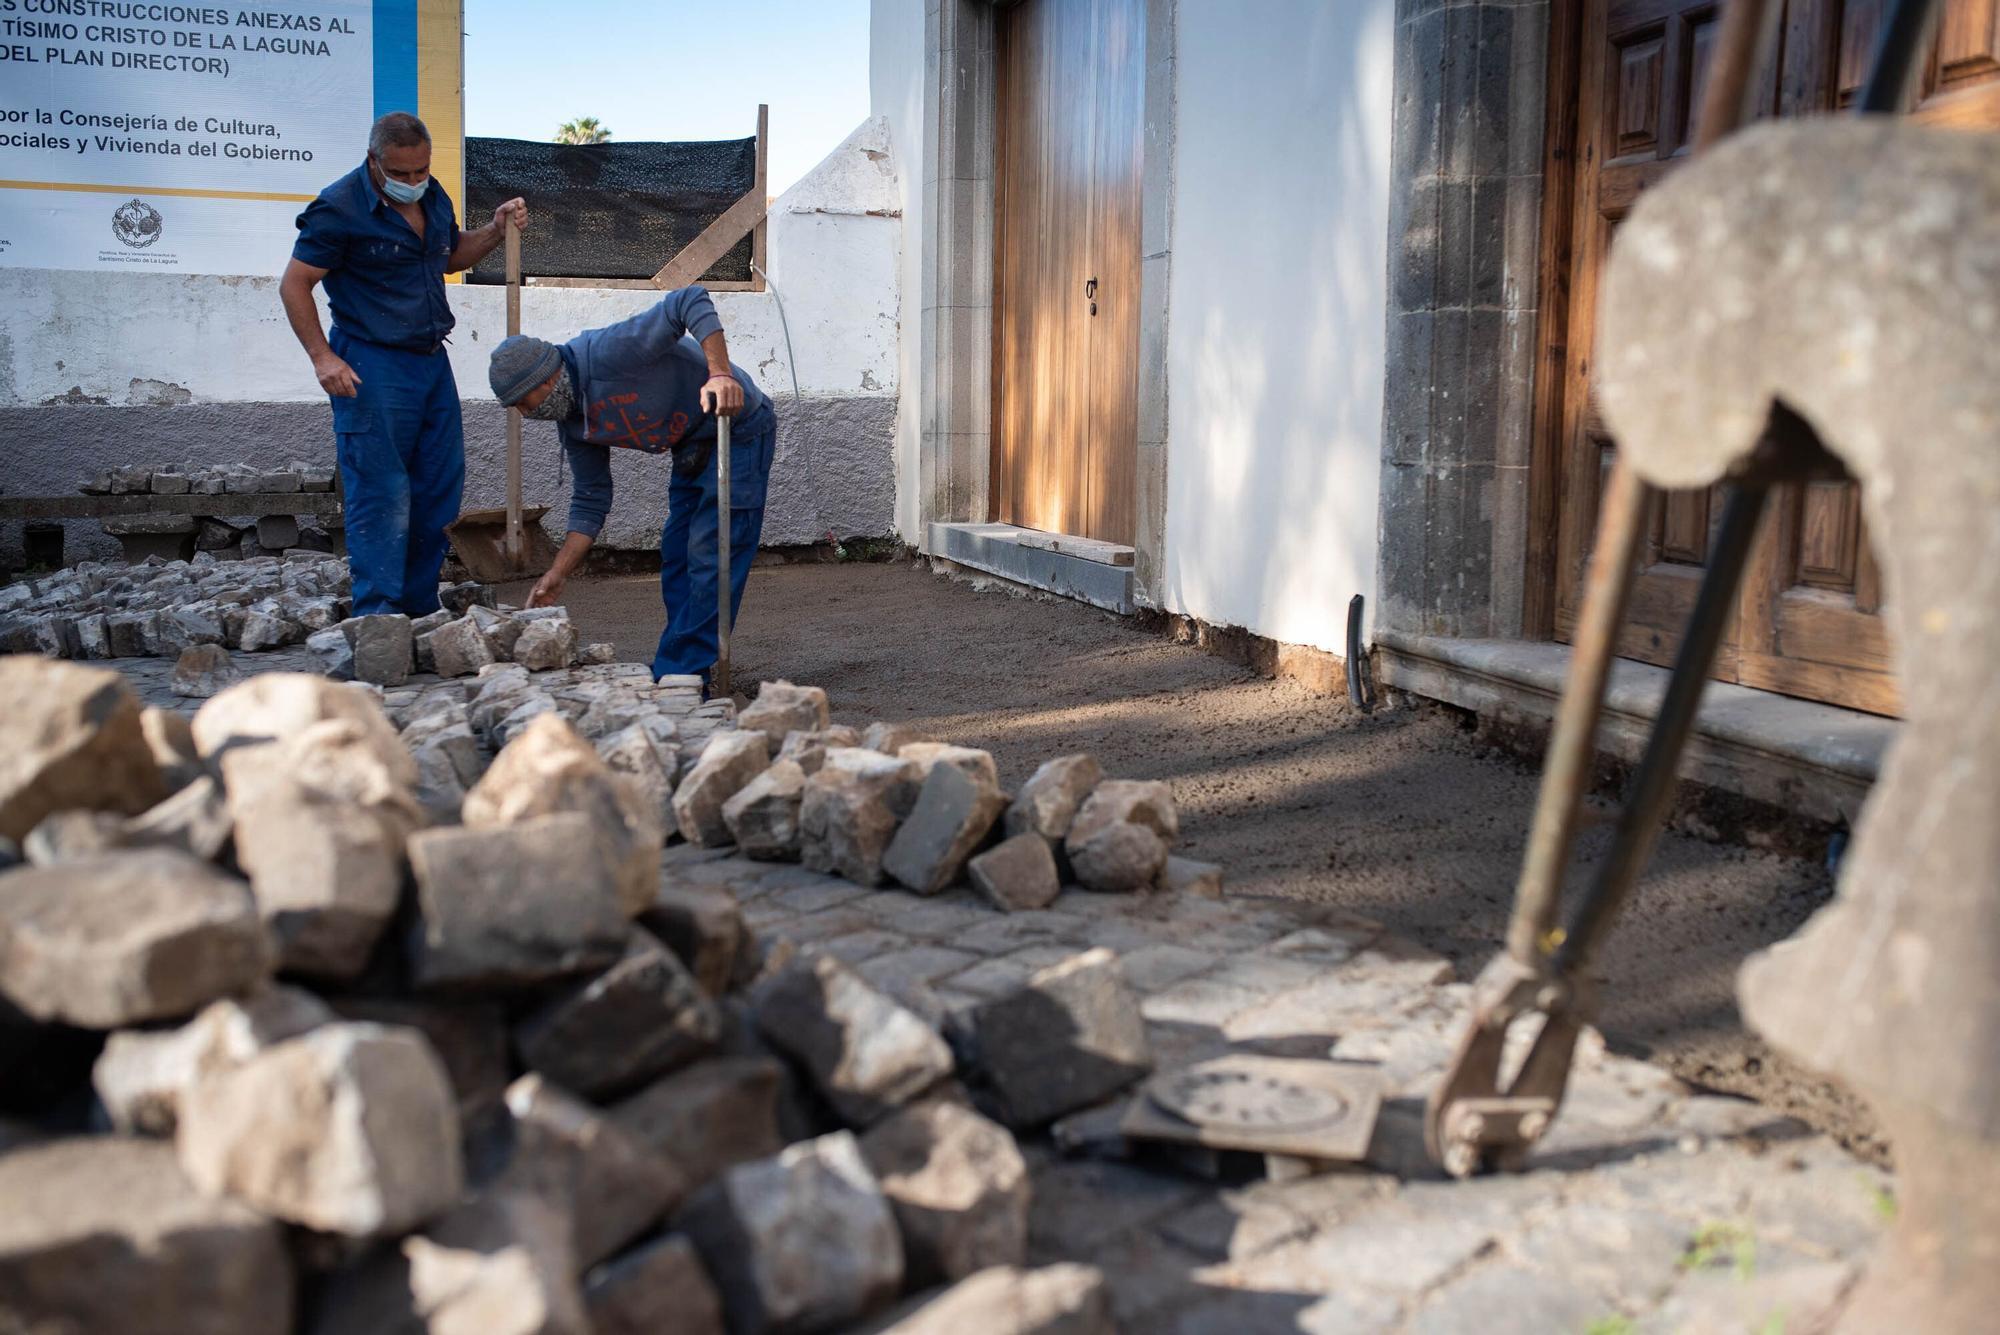 Reportaje en las obras de restauración del Santuario del Cristo